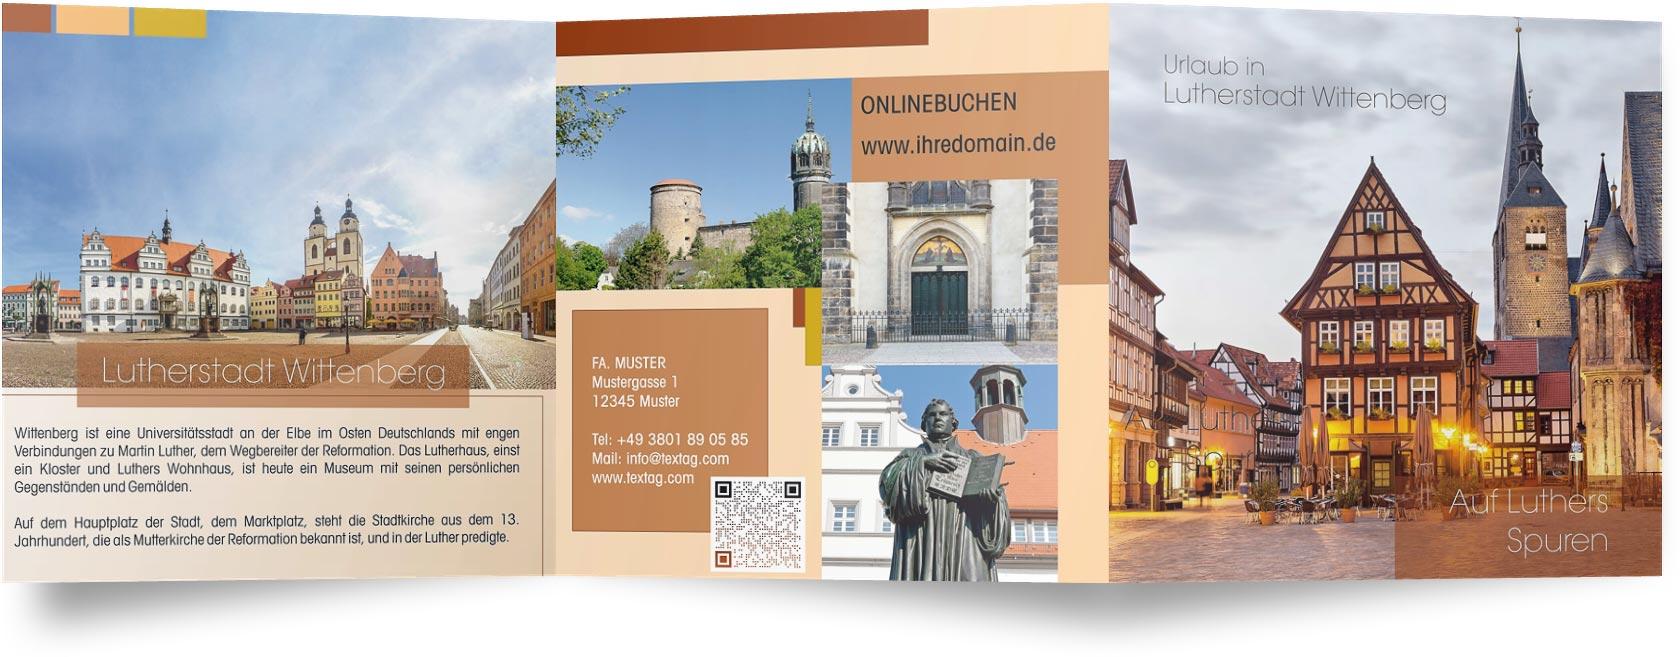 Flyer Vorlage Ferienwohnungen in Wittenberg Lutherstadt